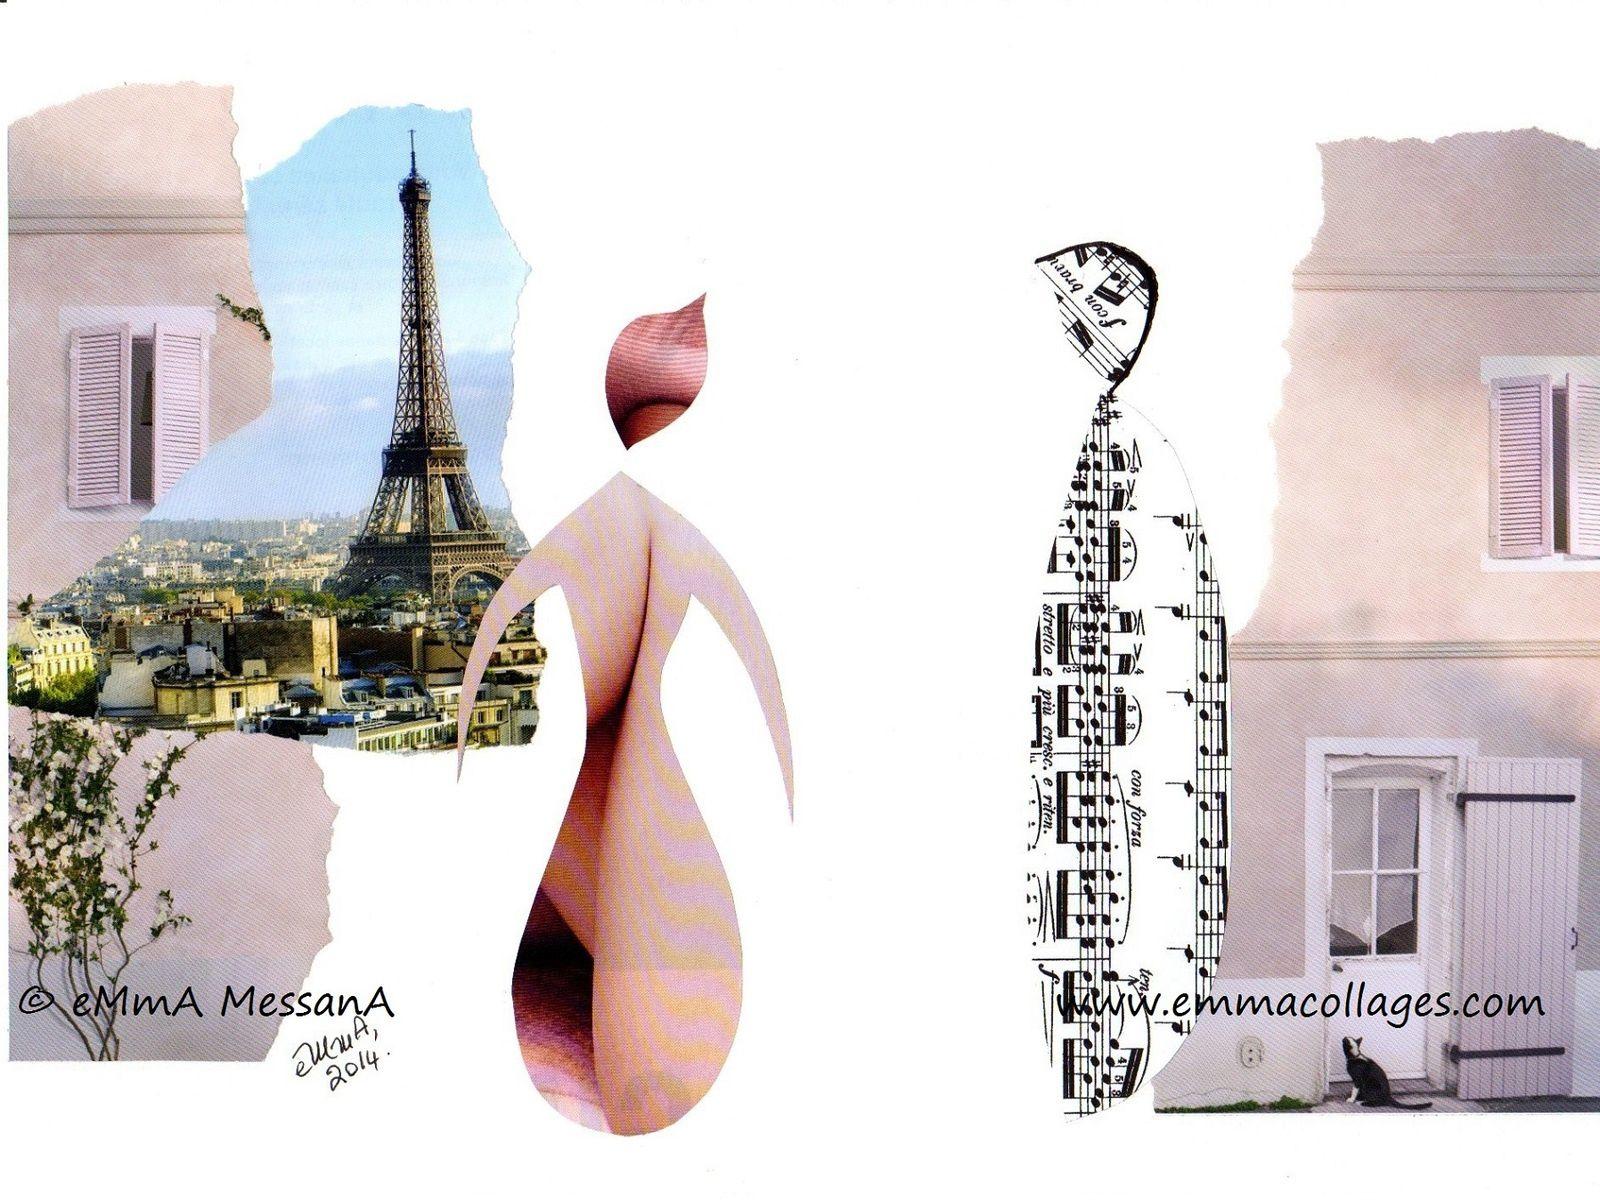 """Les Collages d'eMmA MessanA, collage N°262 """"Une rencontre"""", pièce unique  © eMmA MessanA"""